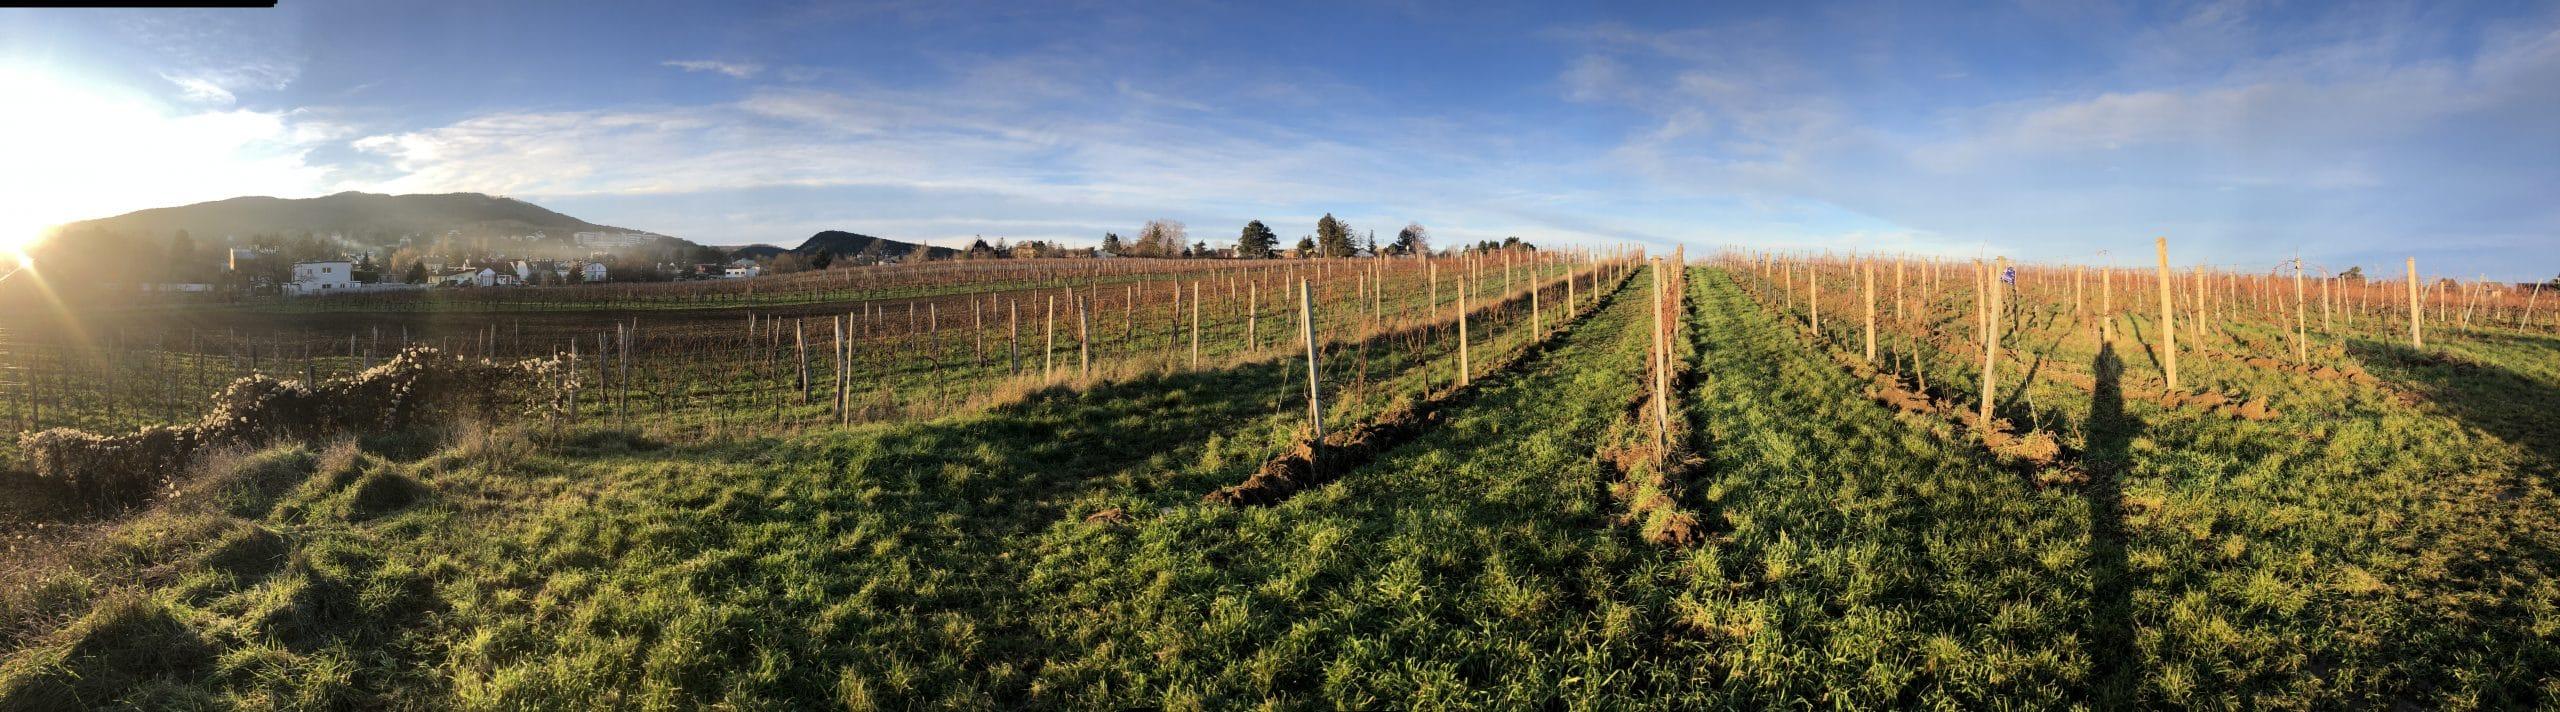 Wohnen im Weingarten